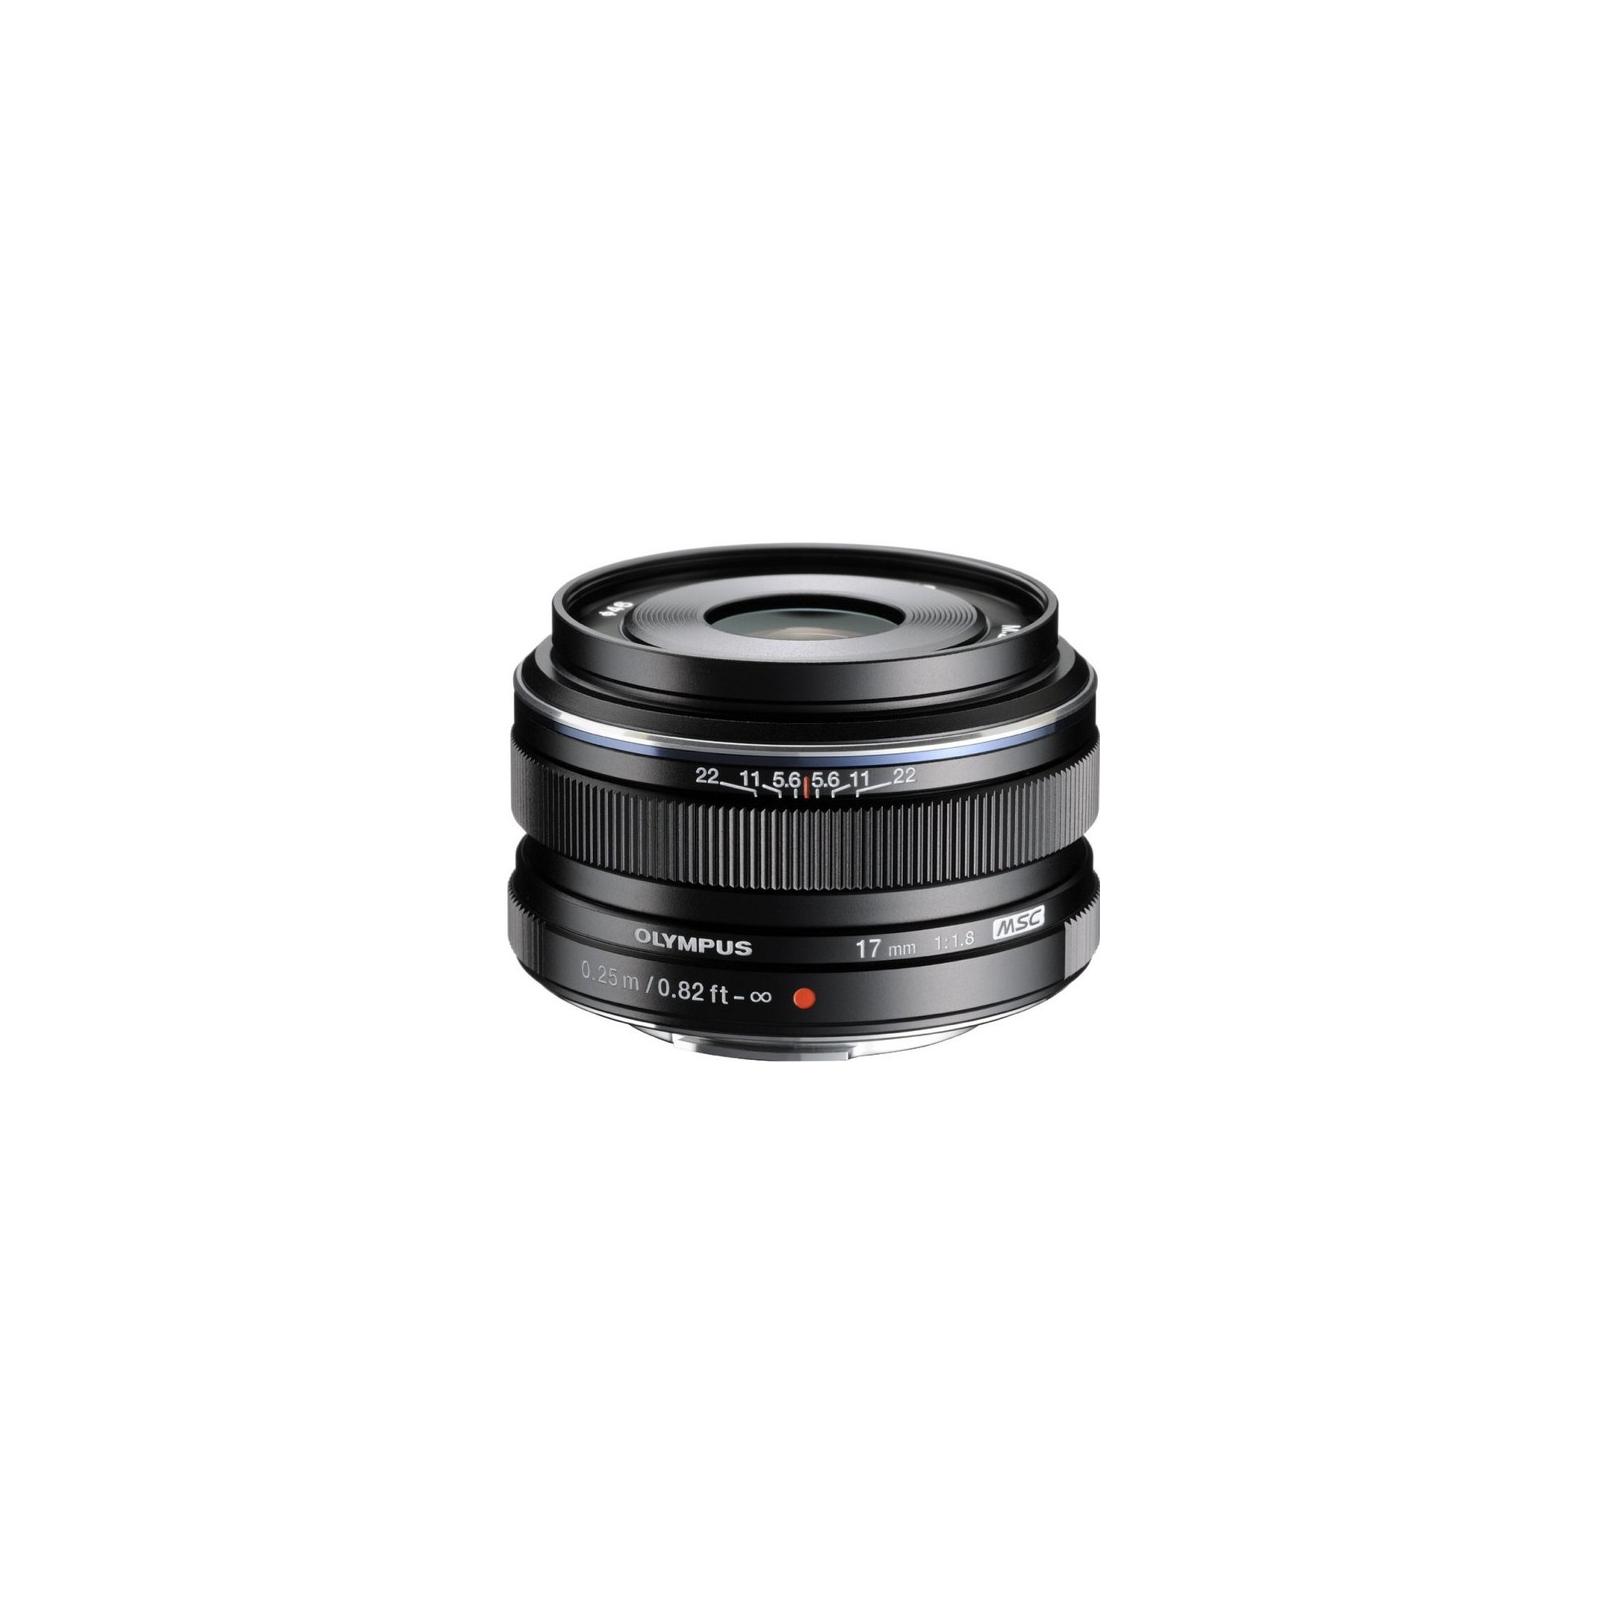 Объектив OLYMPUS EW-M1718 17mm 1:1.8 Black (V311050BE000)